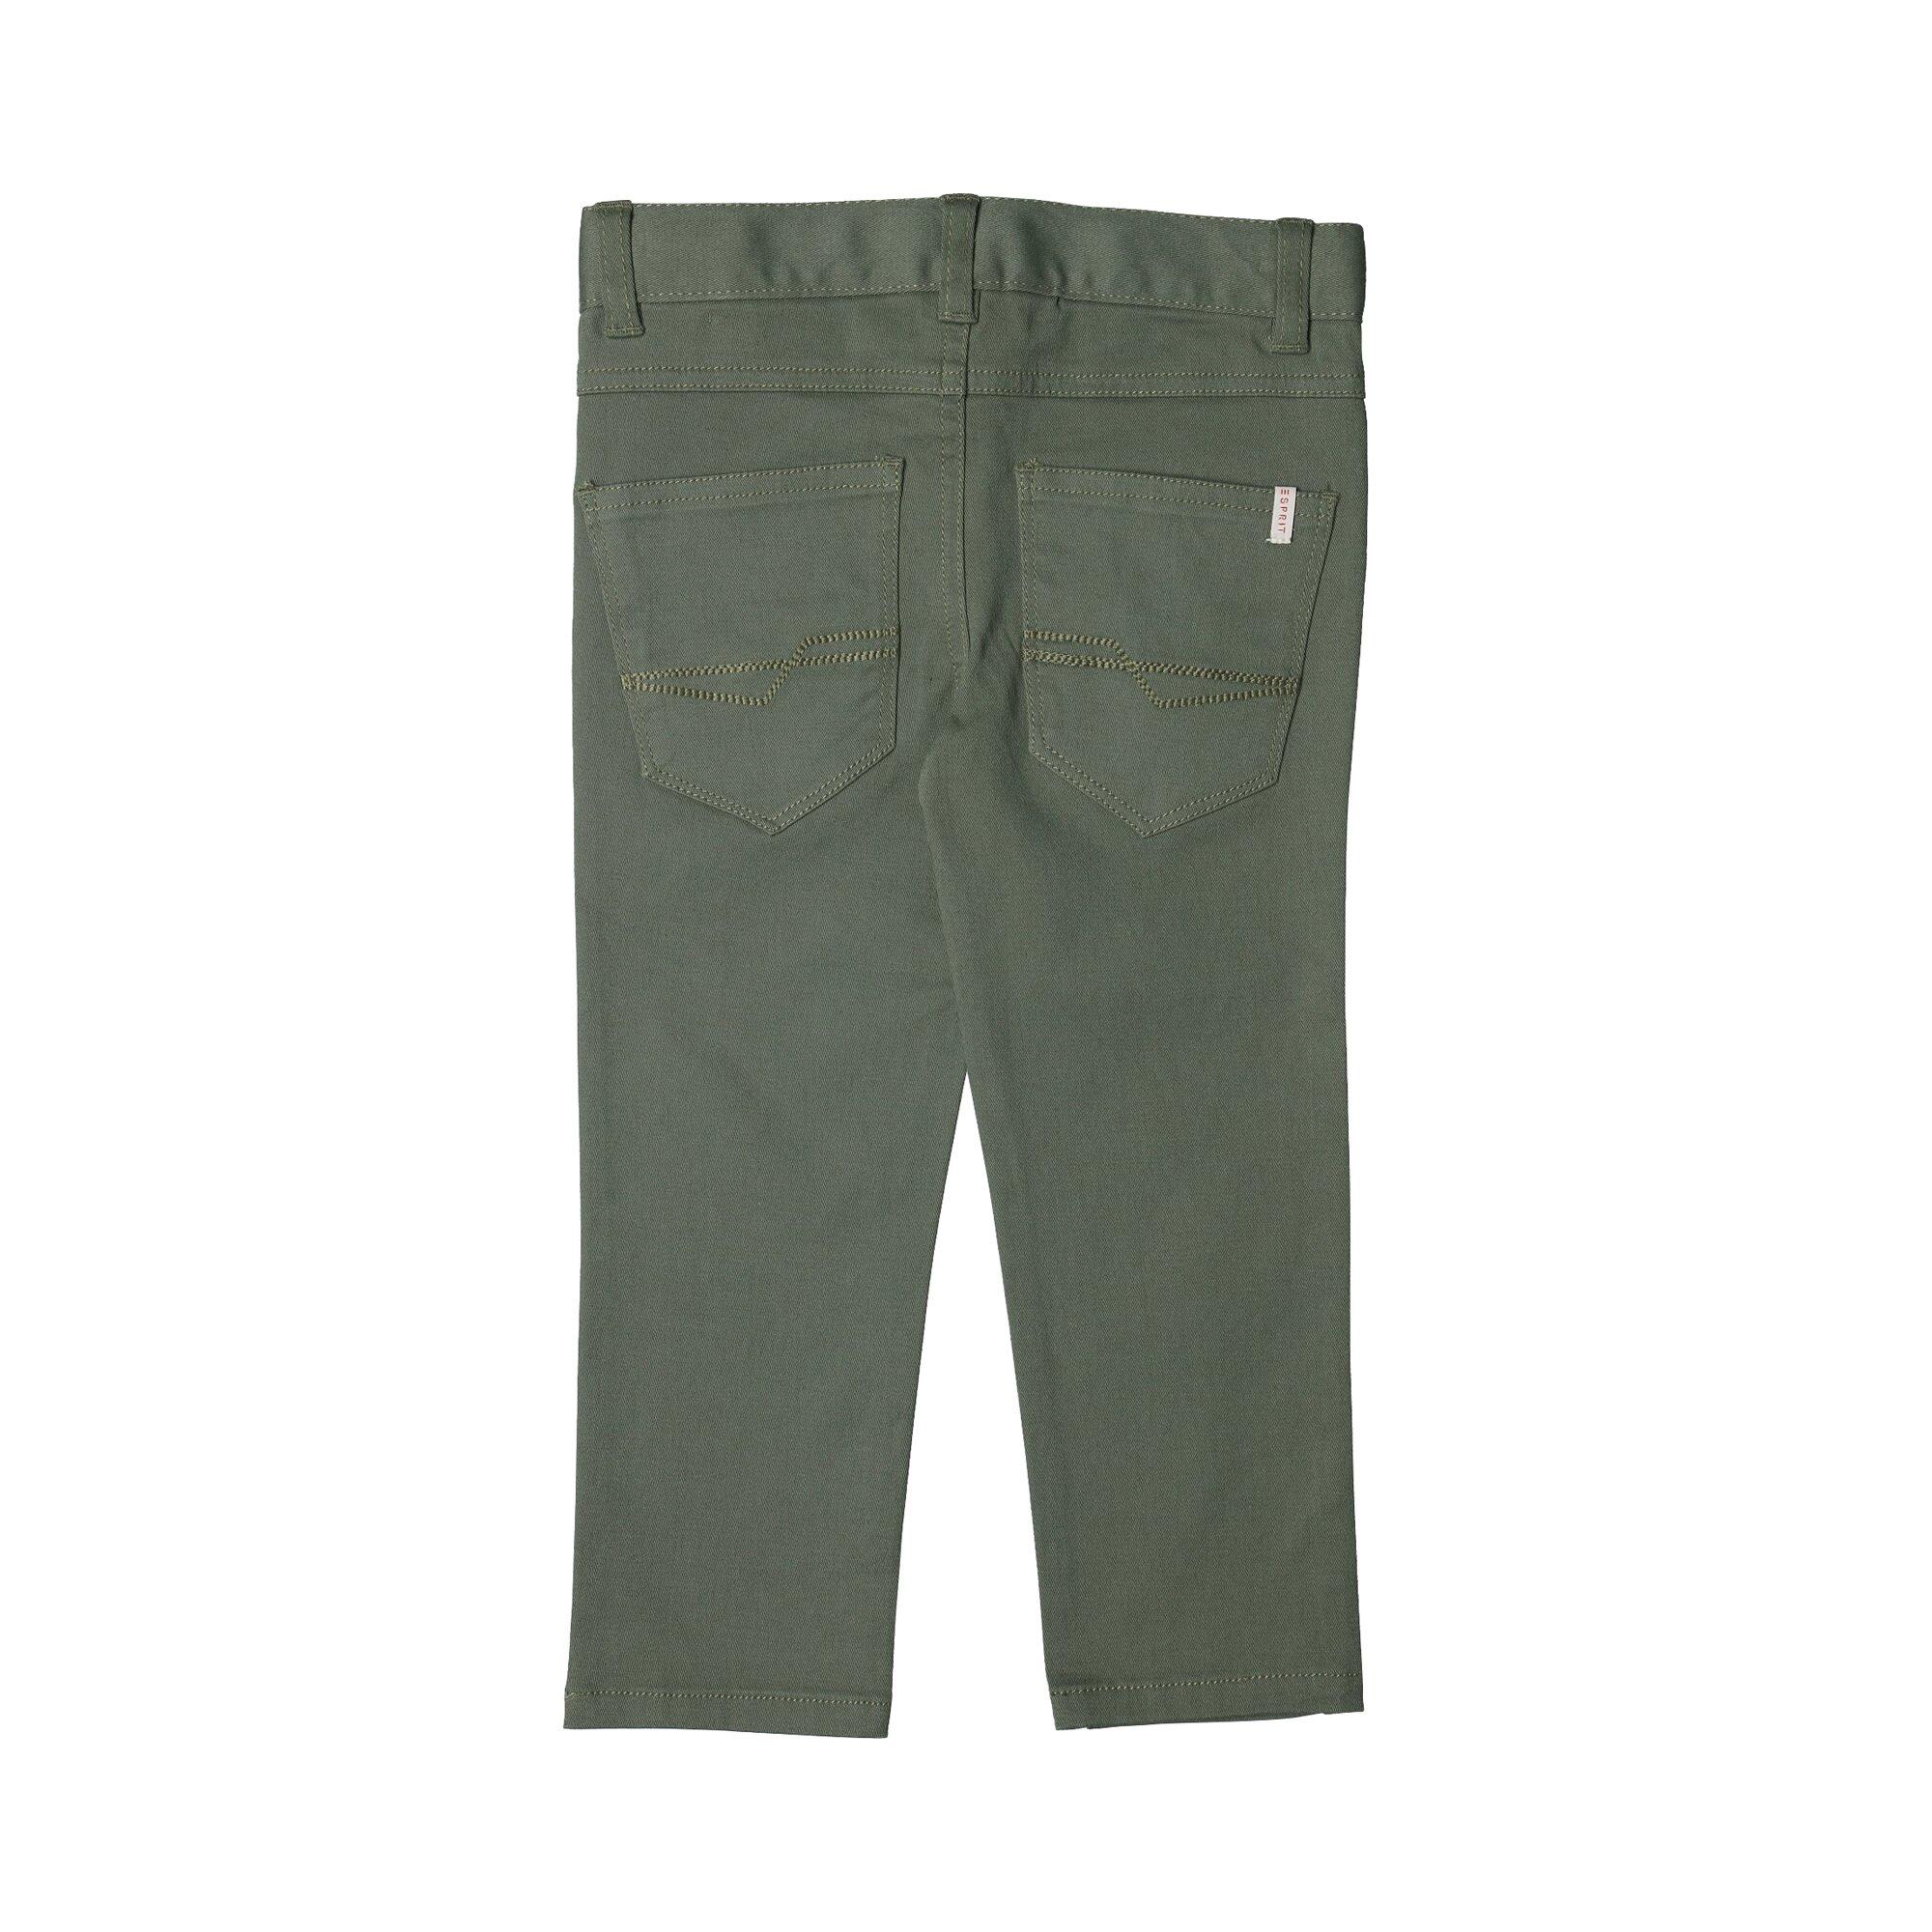 esprit-hose-5-pocket